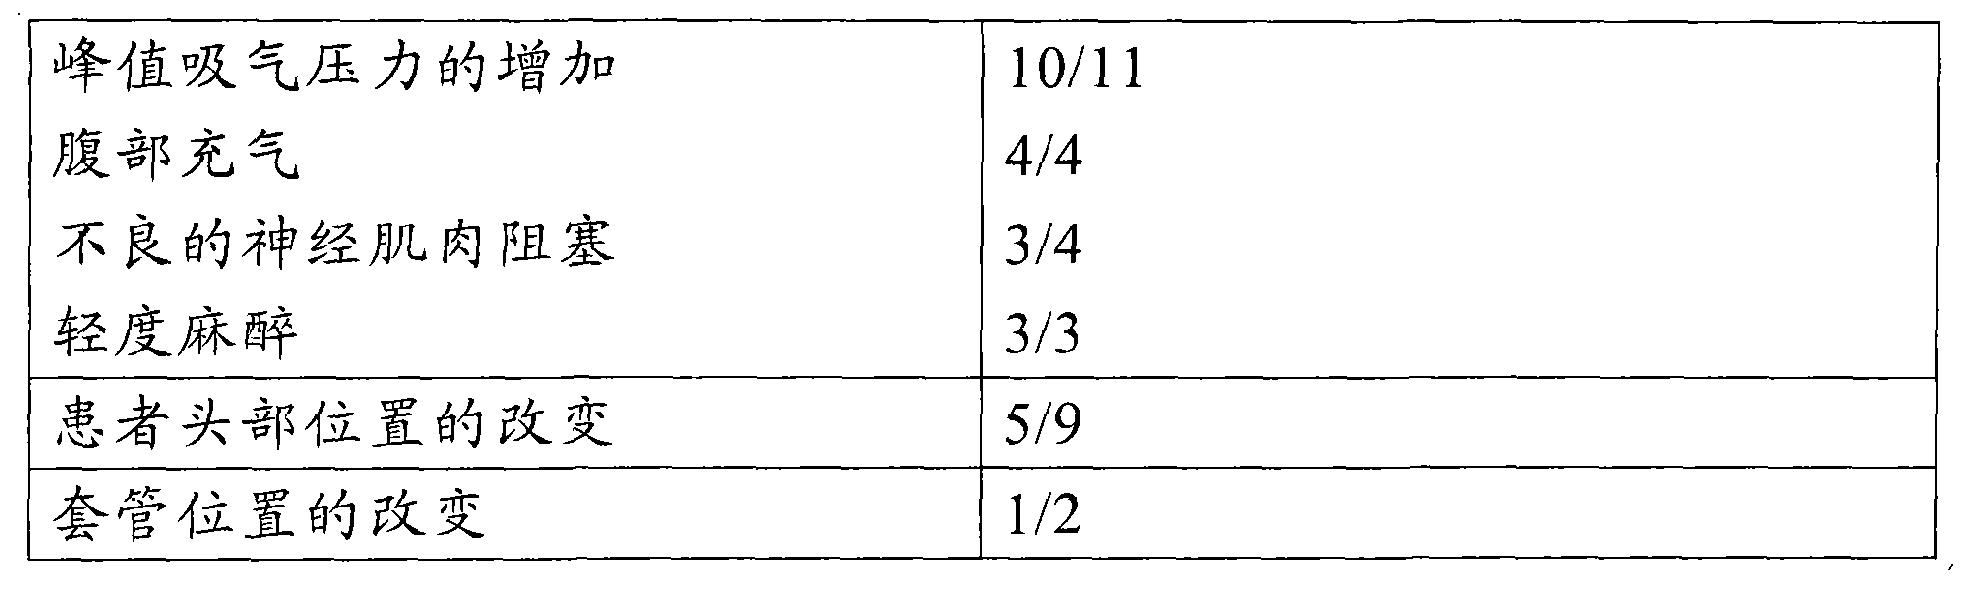 Figure CN102038992BD00261